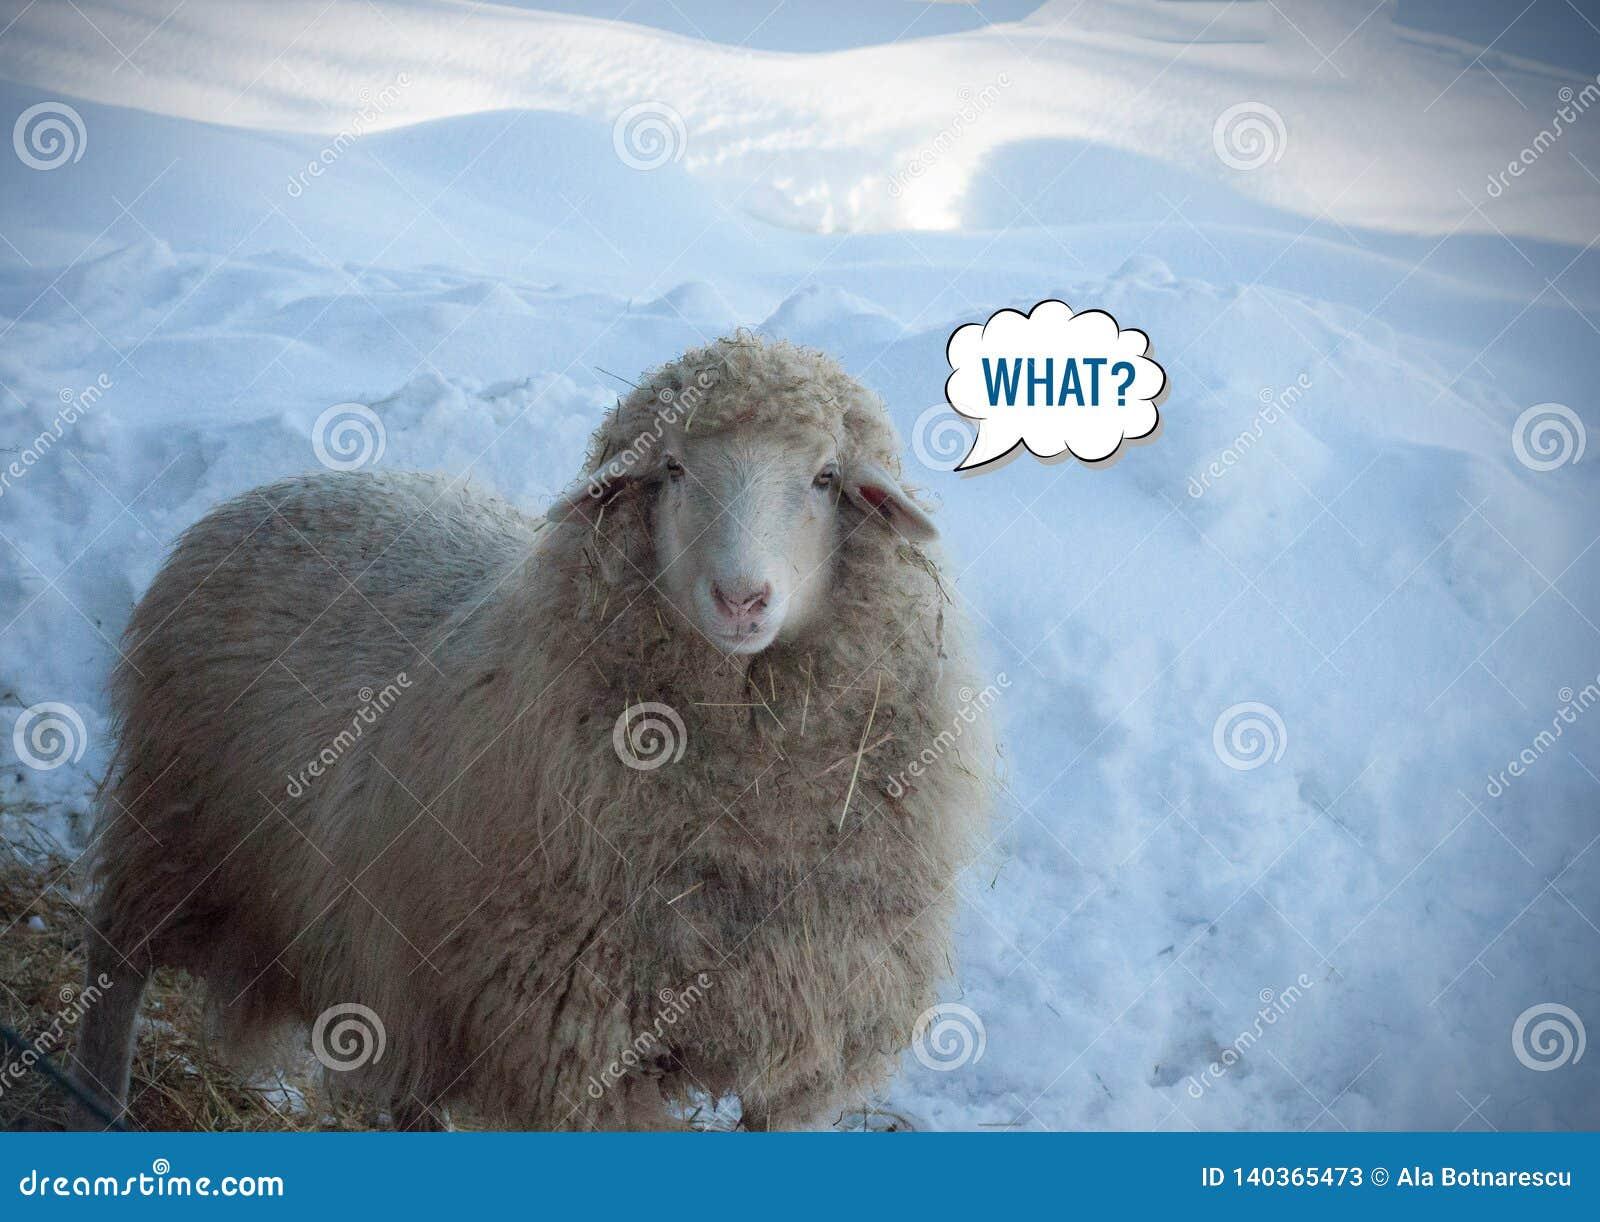 """Κλείστε επάνω την άποψη ενός προβάτου κοιτάγματος στη χειμερινή ημέρα Δροσερά πρόβατα και """"τι; """"μήνυμα meme"""